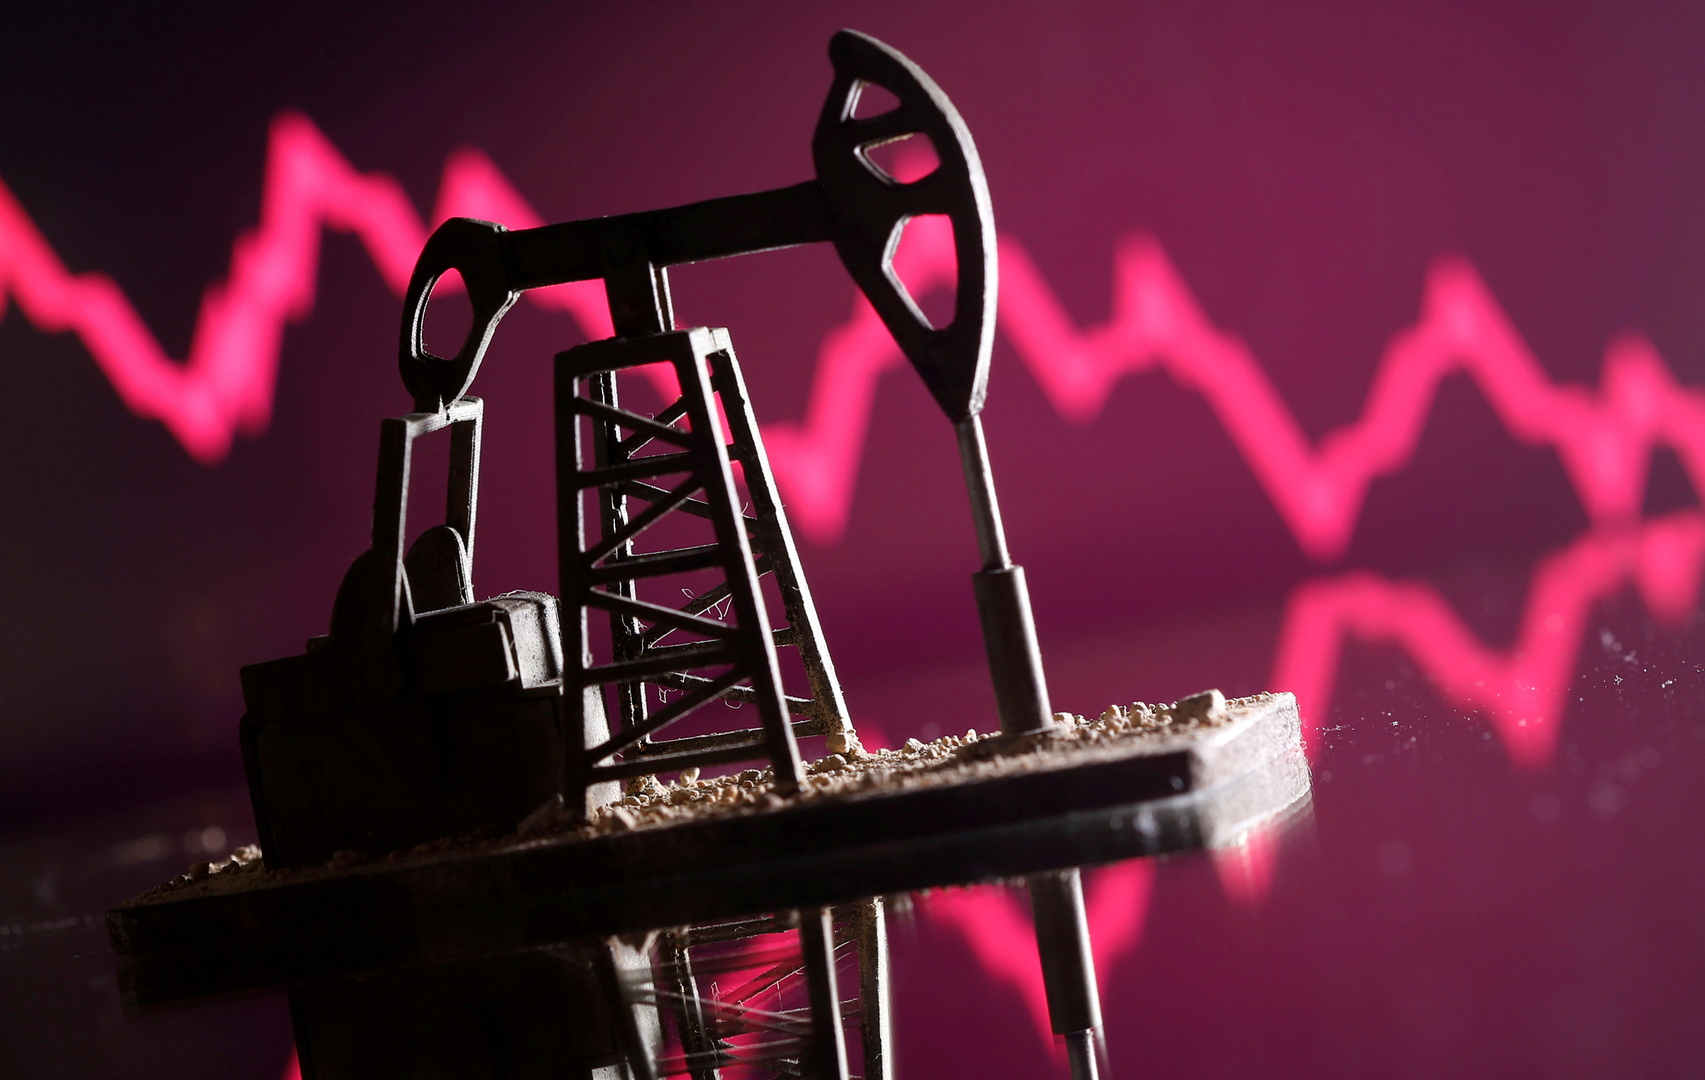 صعود النفط لأعلى مستوى في 8 أسابيع مدعوما بآمال الطلب وتراجع صادرات الخام الأمريكية